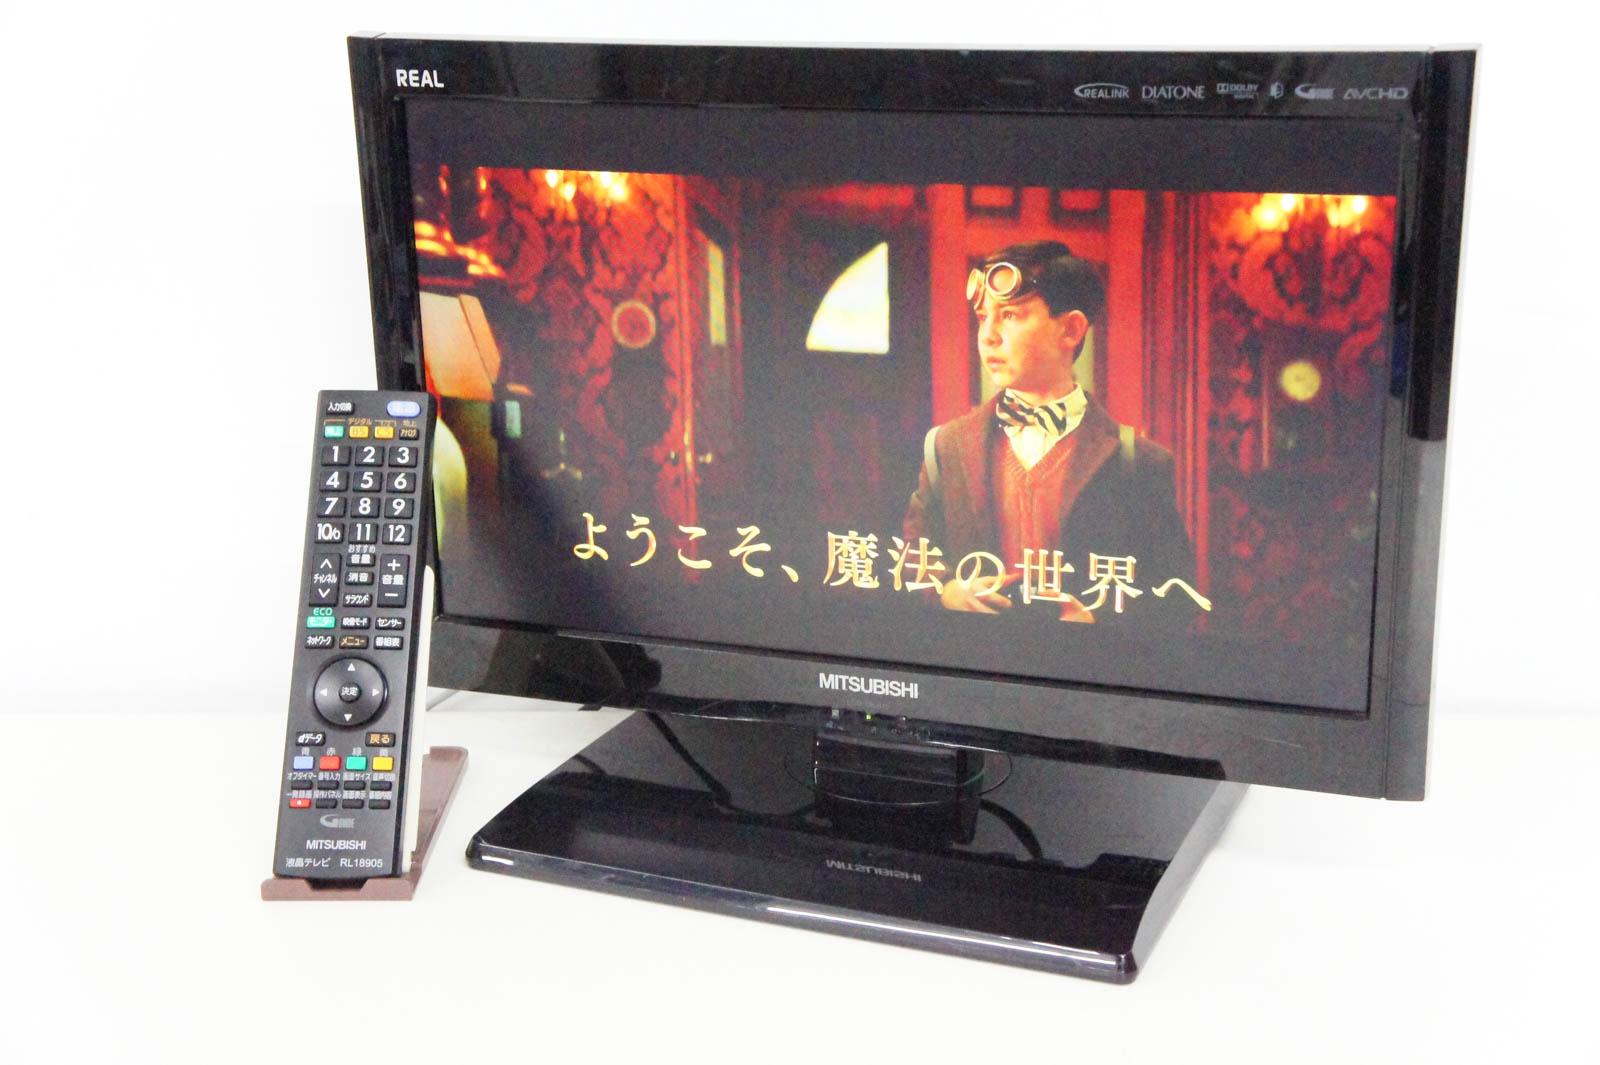 【中古】三菱MITSUBISHI 19V型 地上・BS・110度CSデジタルハイビジョン液晶テレビ REALリアル LCD-19LB10